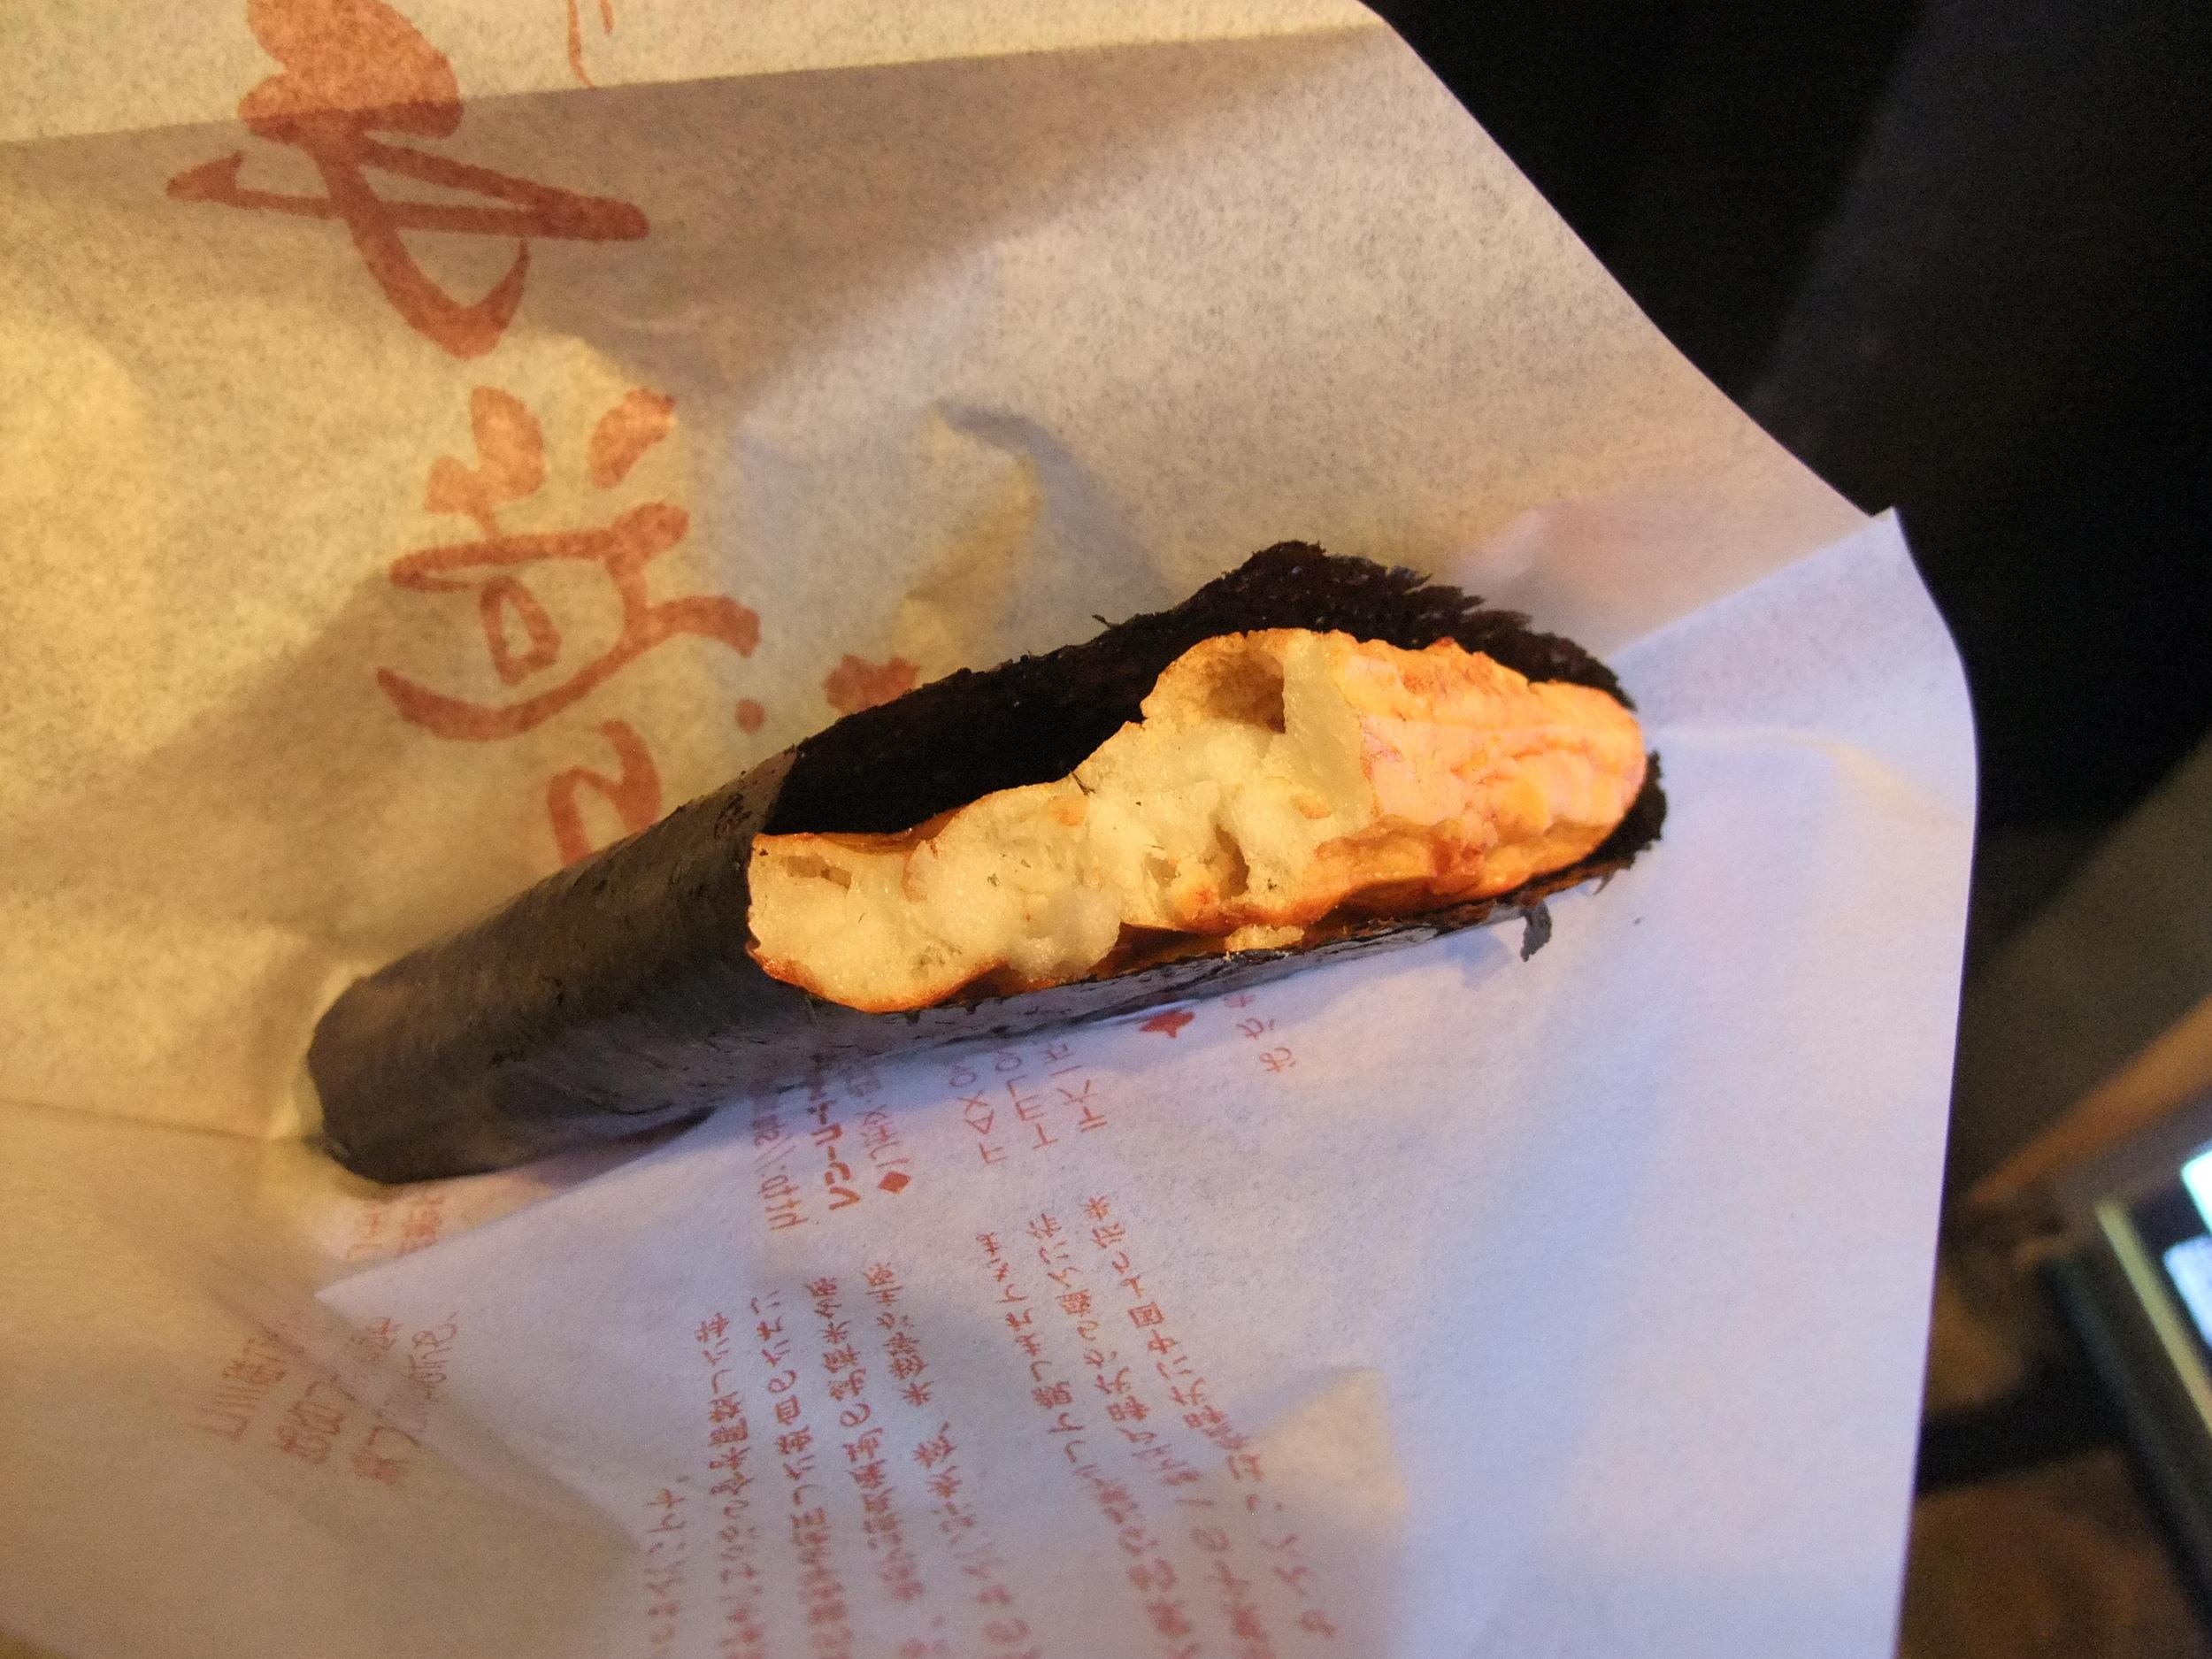 Rice cake rolled in nori (seaweed)